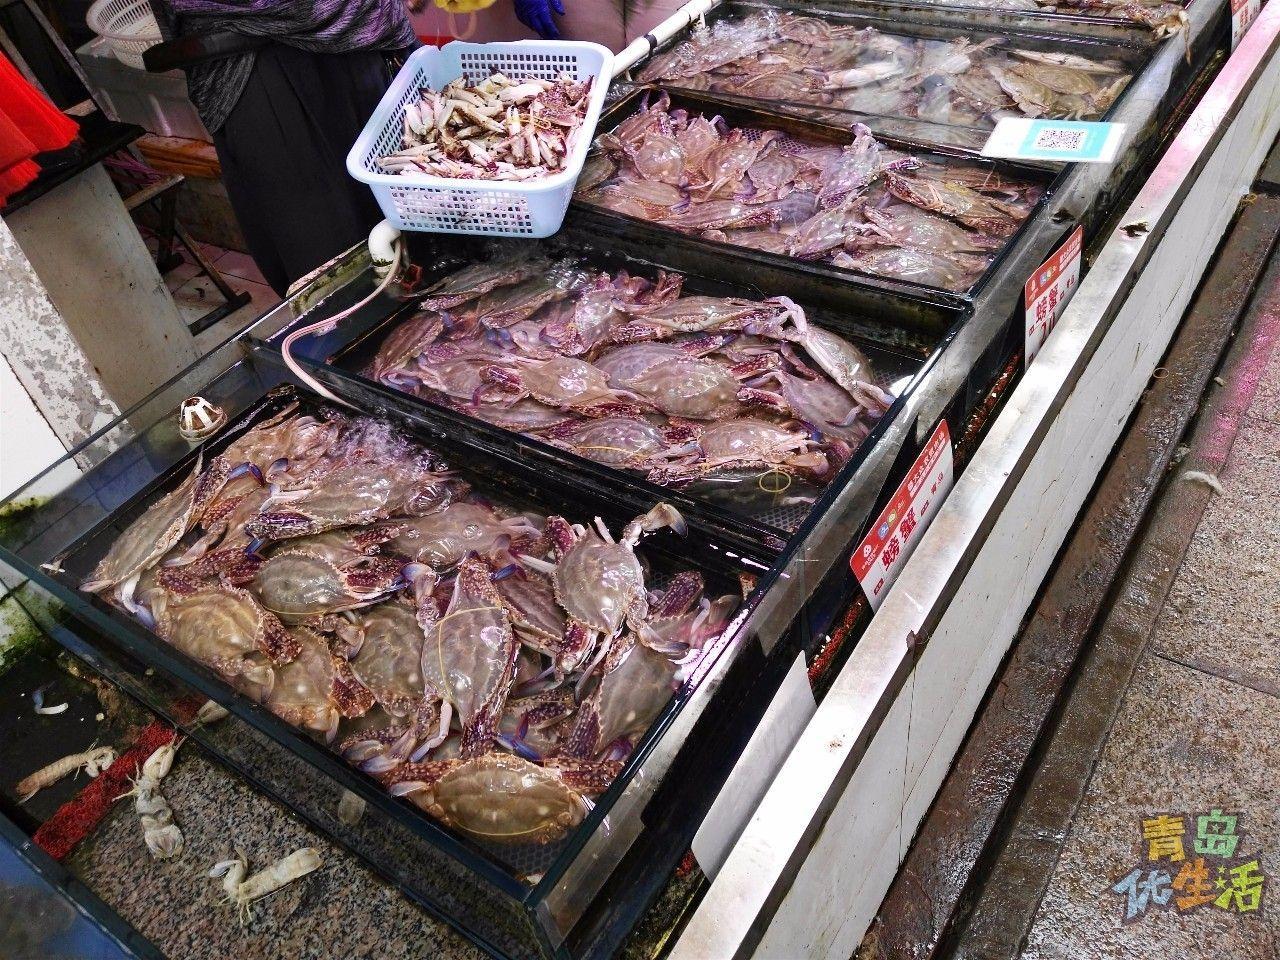 优优艺术撸一撸_美食 正文  优优首先来到了位于西镇区域的团岛农贸市场.